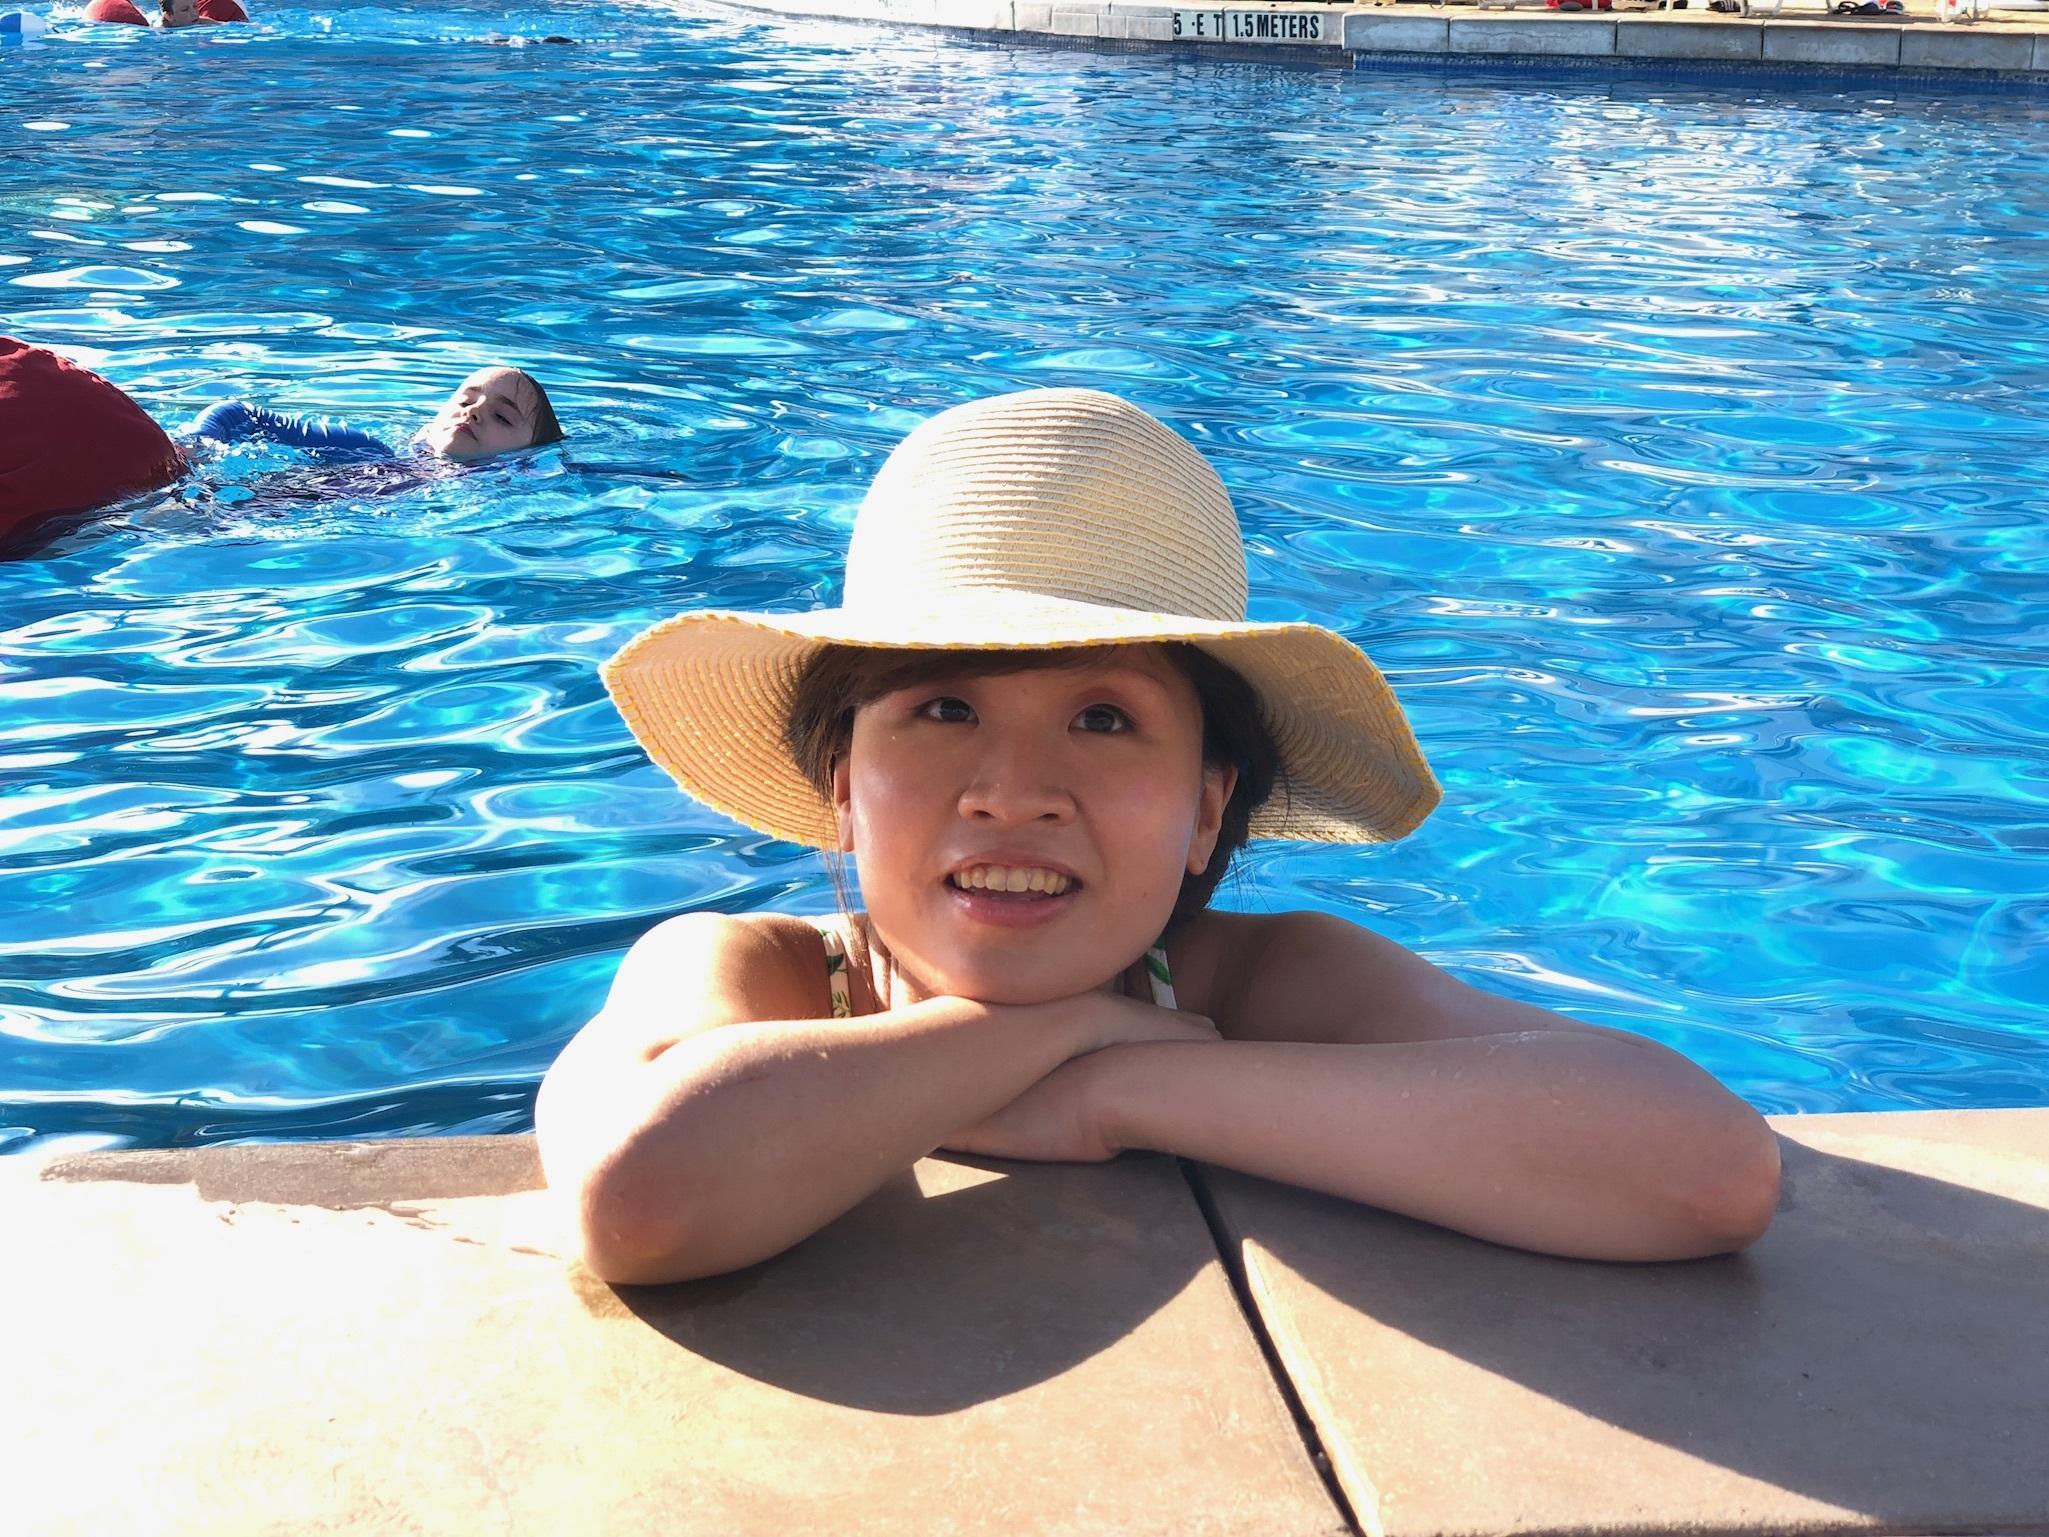 sheraton pool.jpg